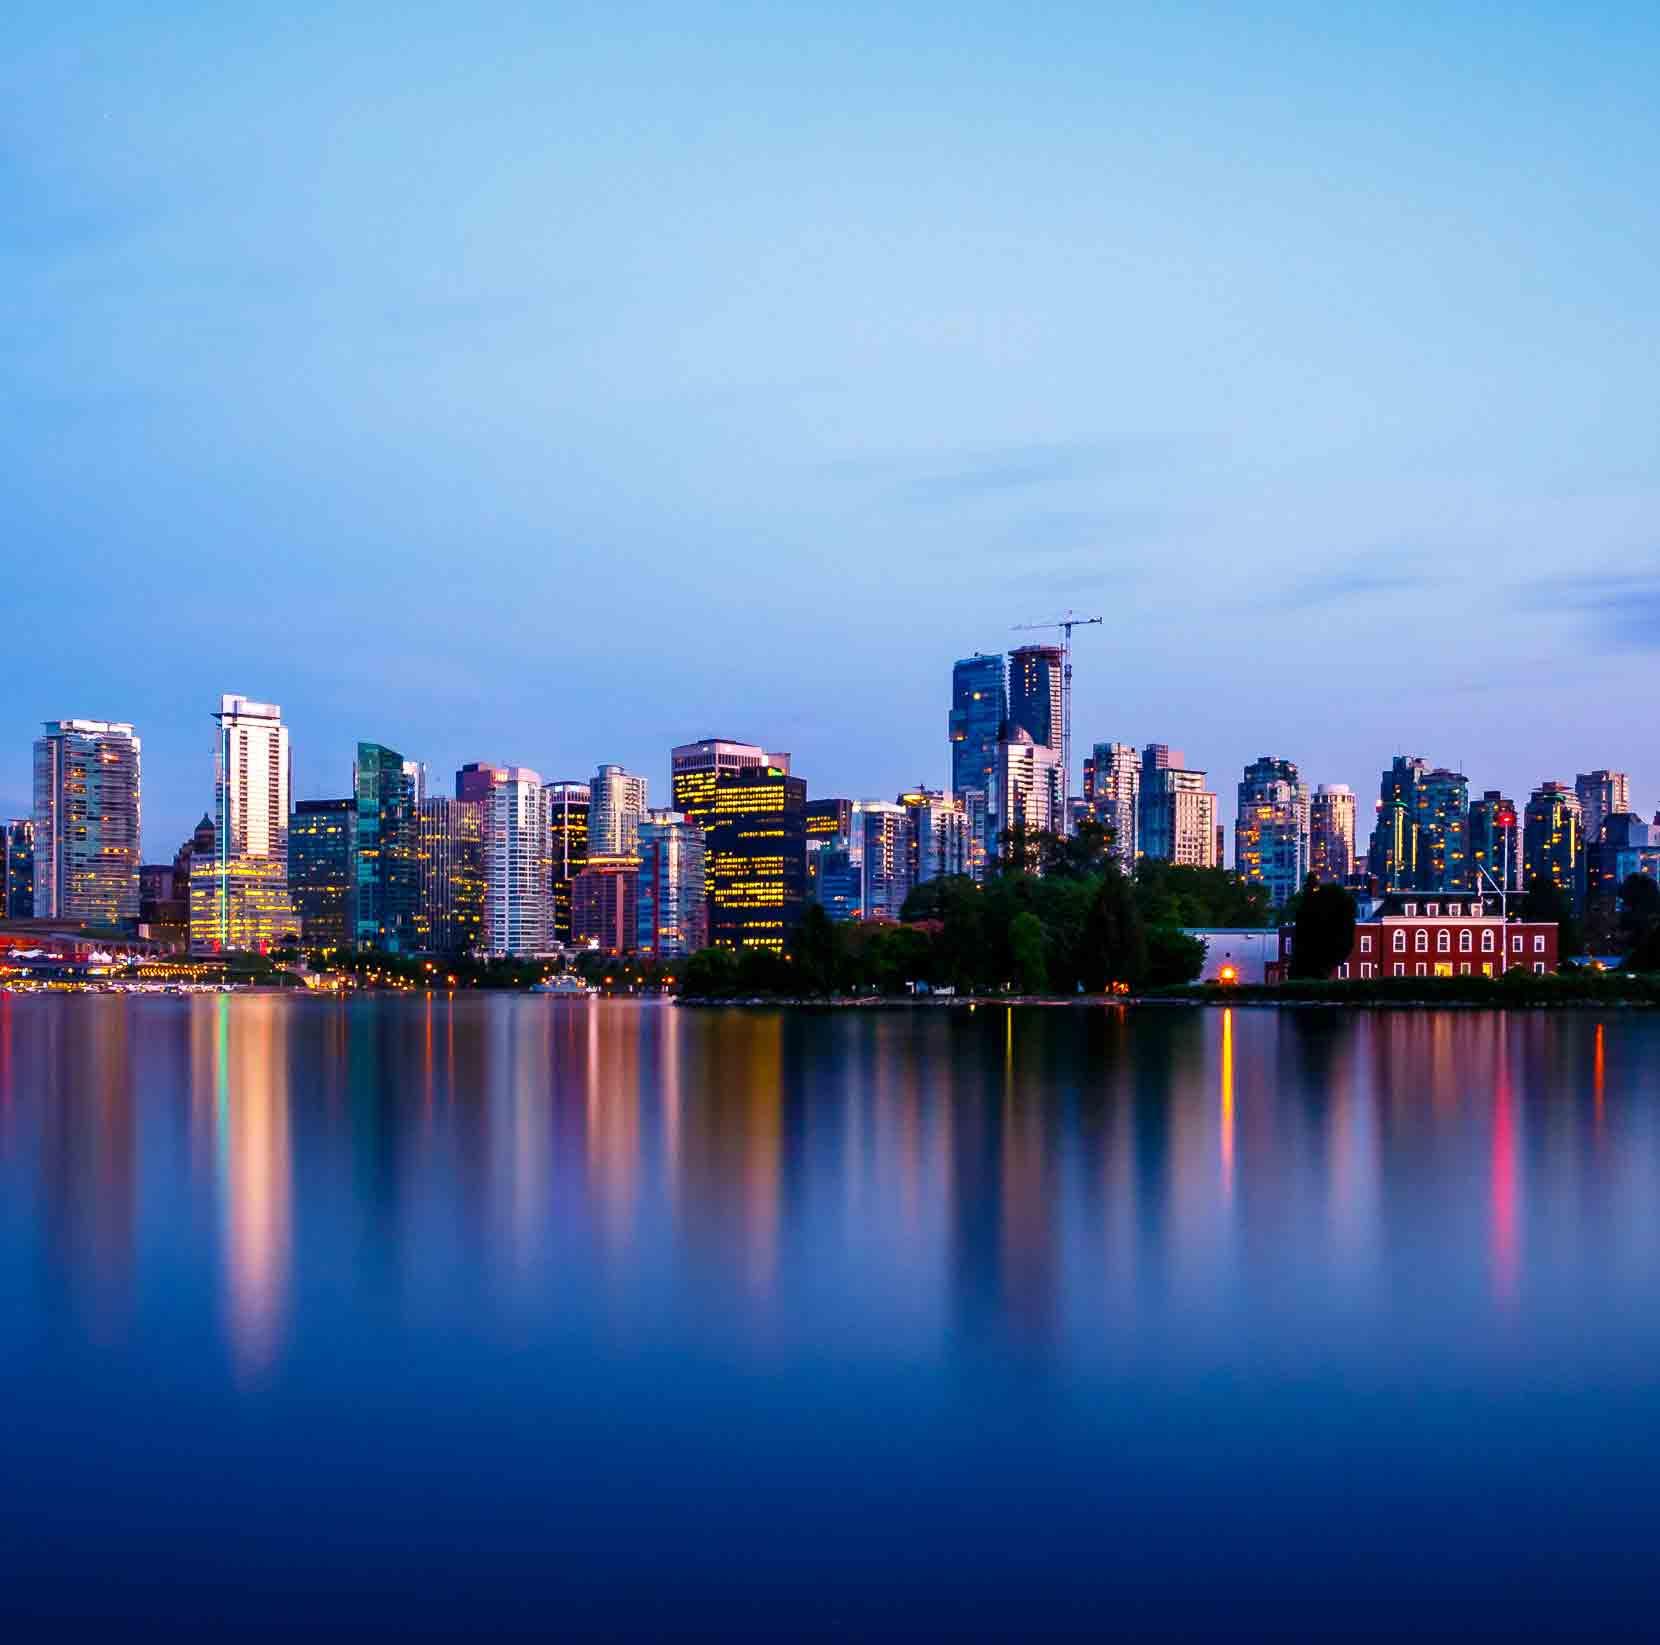 vancouver city skyline at dusk